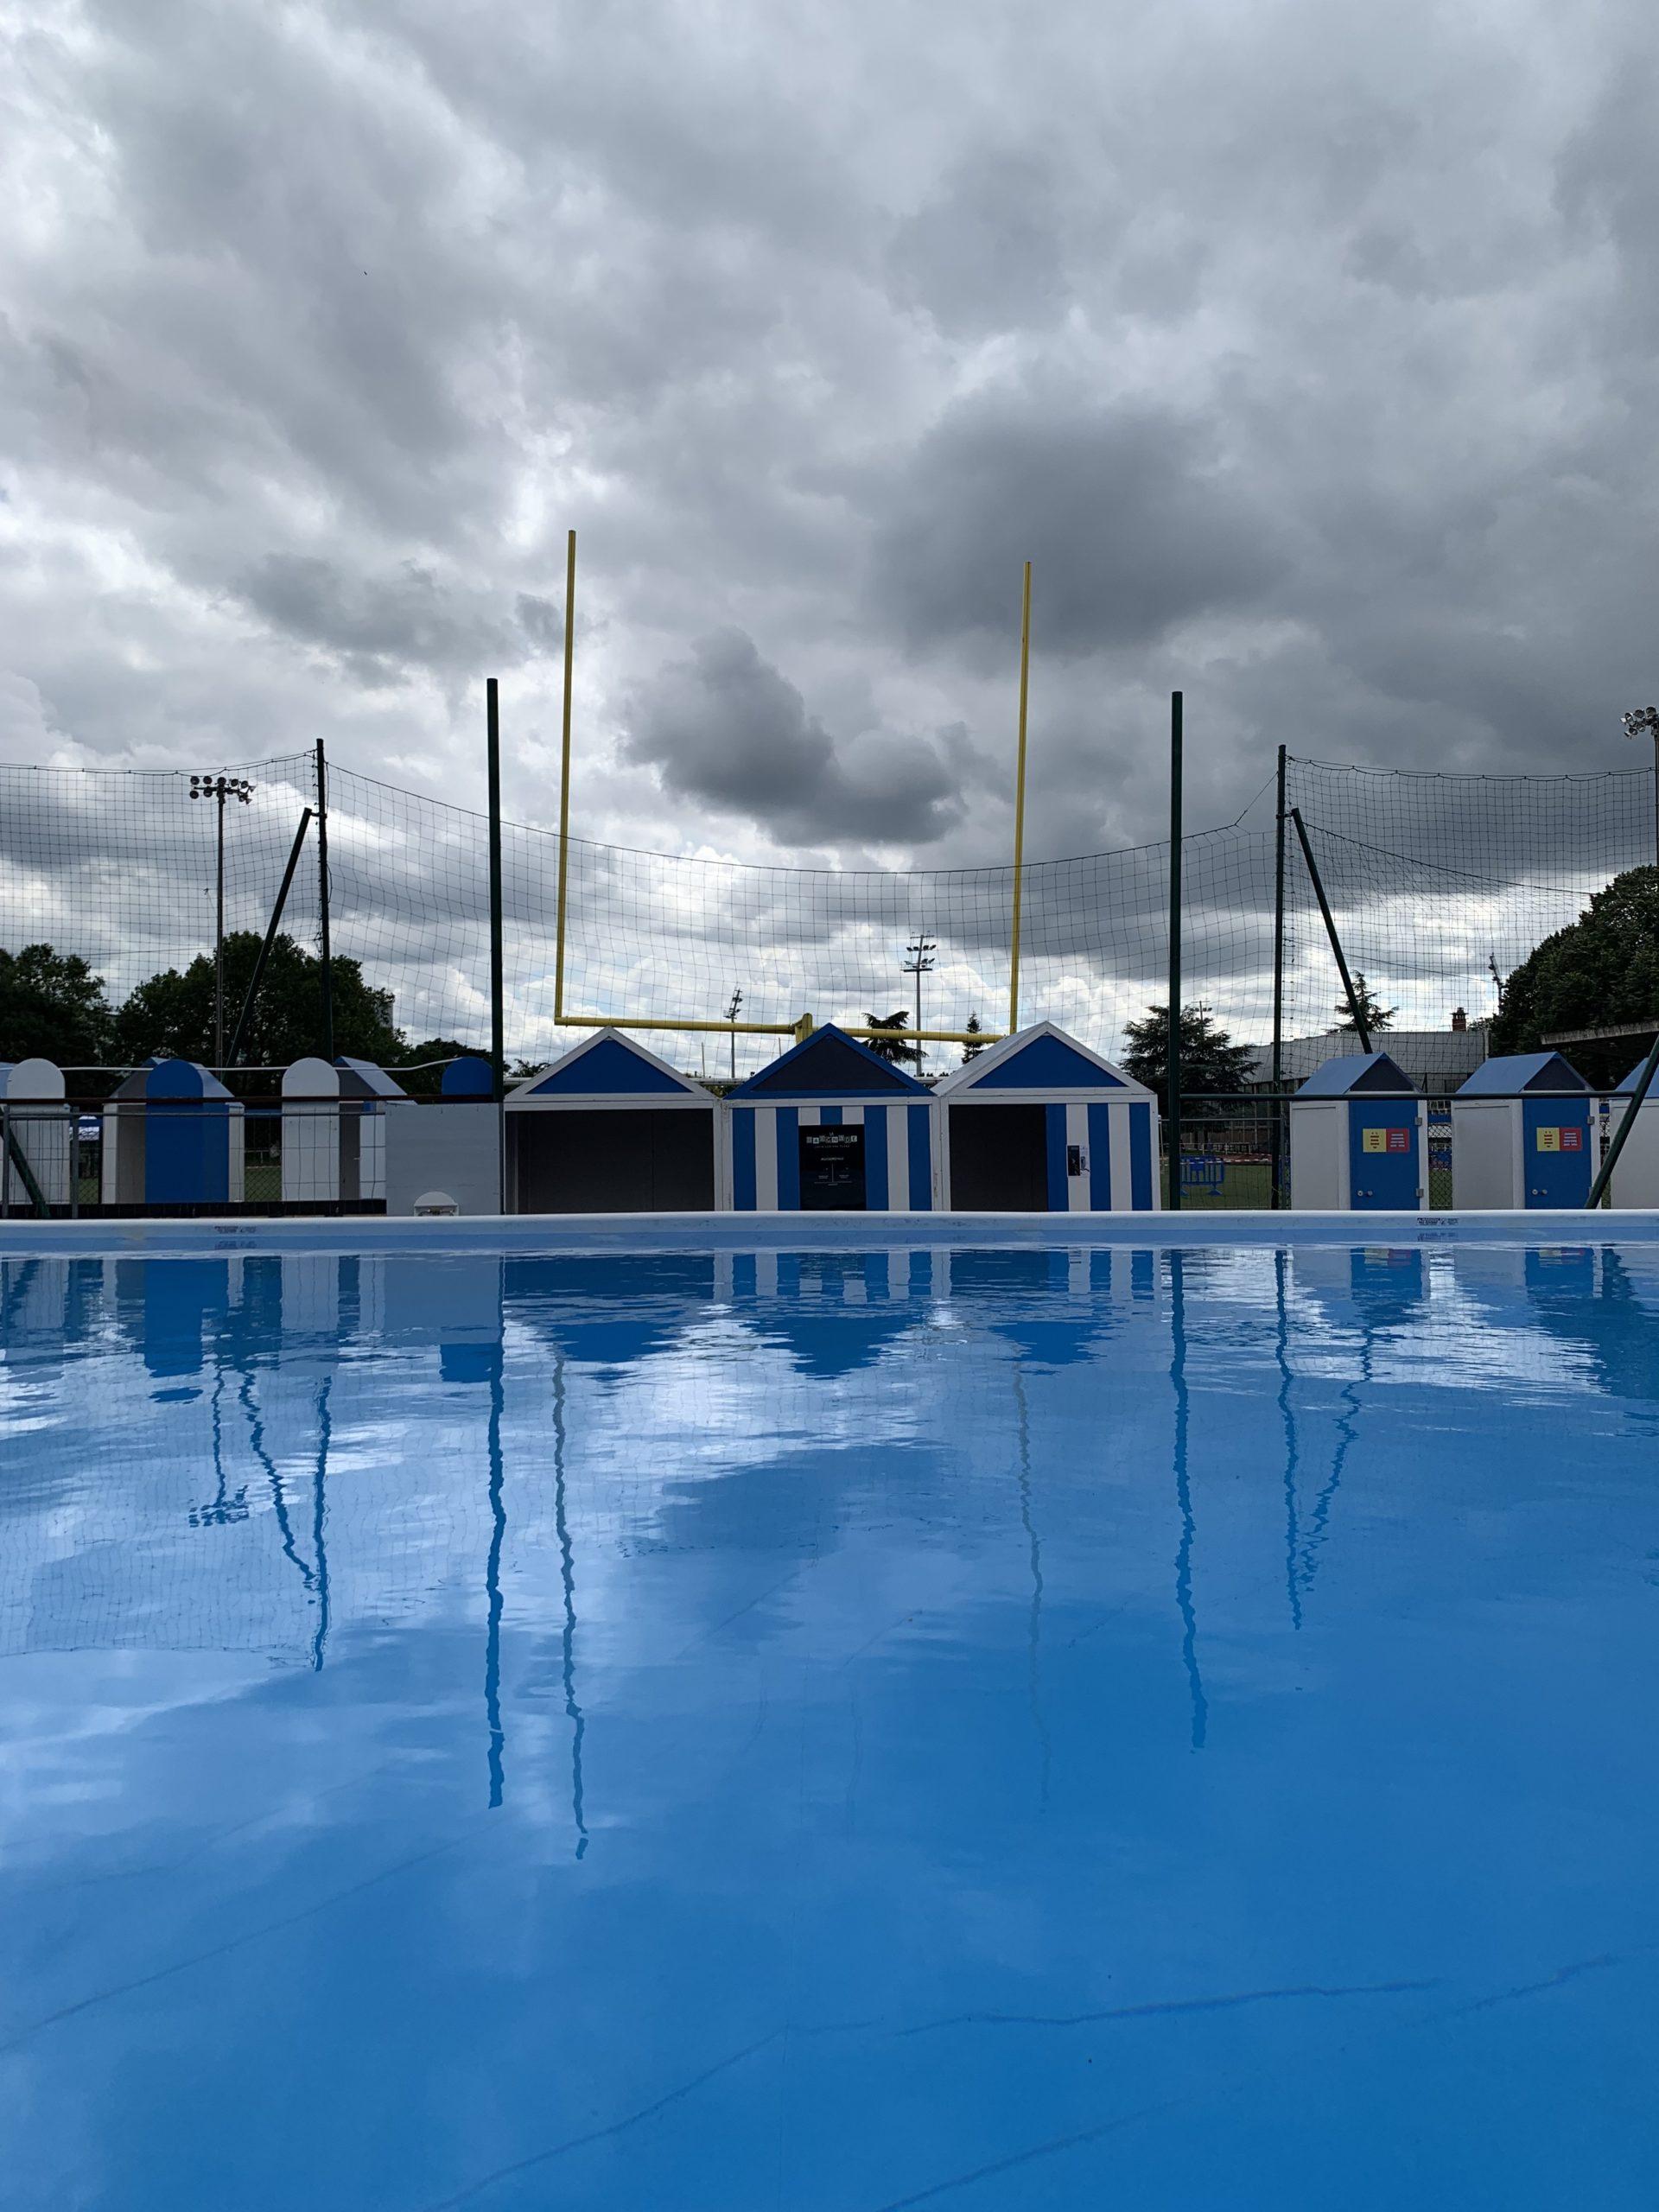 Bassin de baignade, stages et initiations gratuites : le programme sportif de l'été dans le 20e